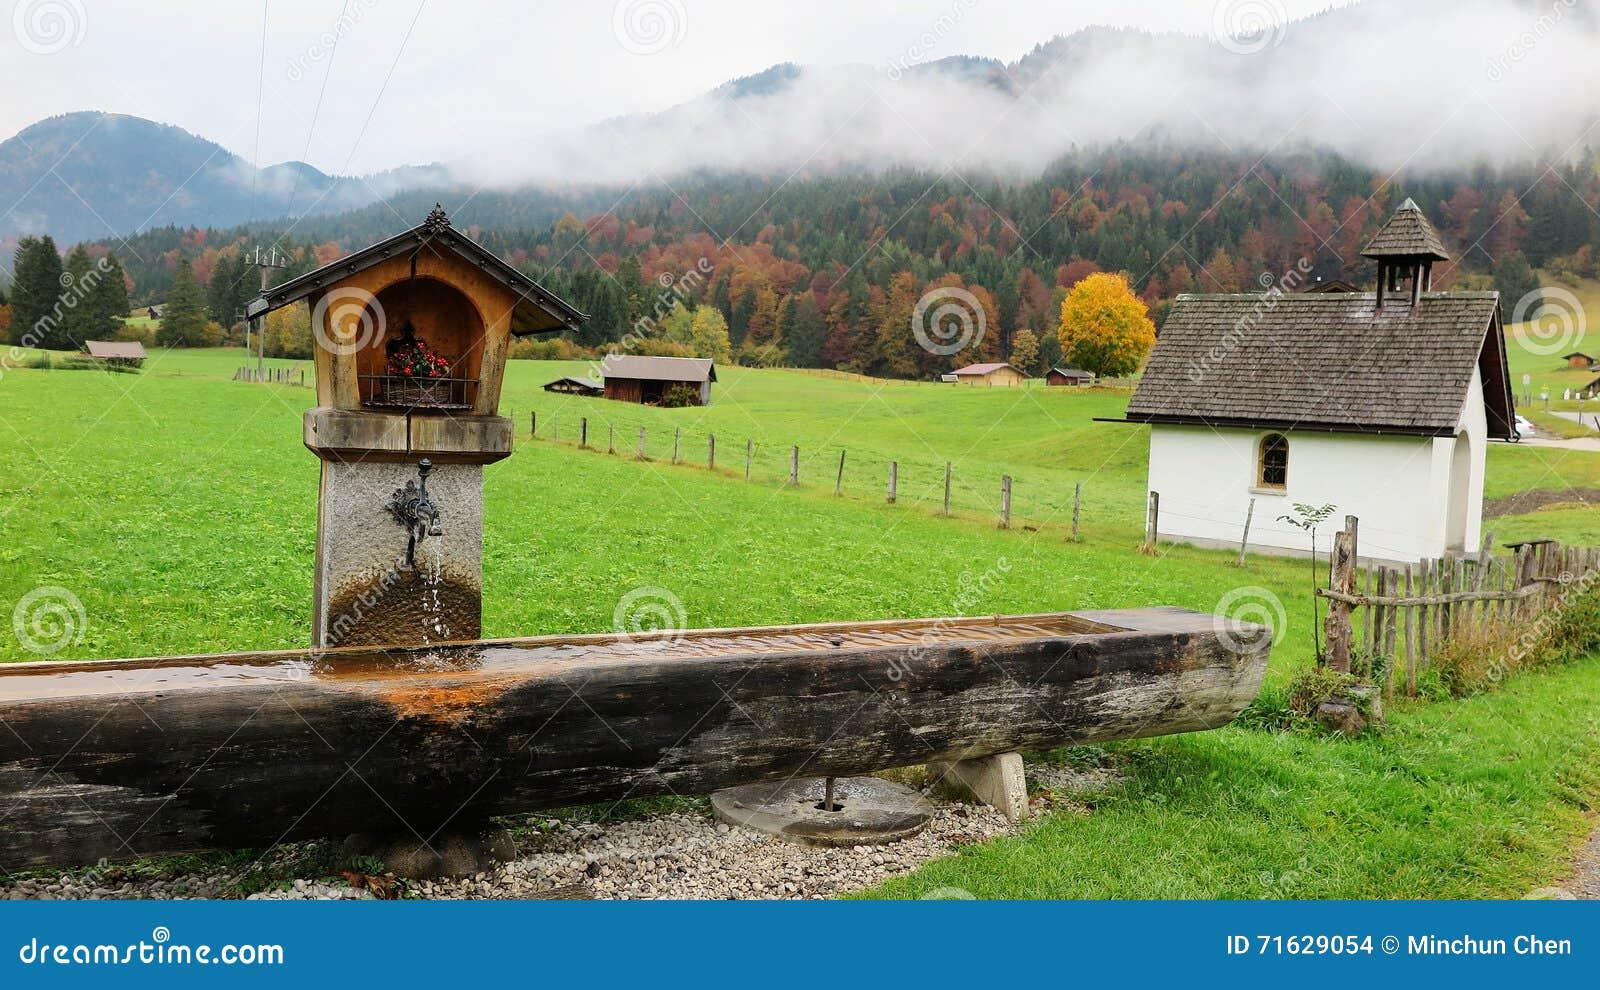 Τοπίο ενός βαυαρικού καλλιεργήσιμου εδάφους με μια ξύλινη γούρνα, τα εξοχικά σπίτια & τις σιταποθήκες σε ένα αγρόκτημα σε ένα ομι